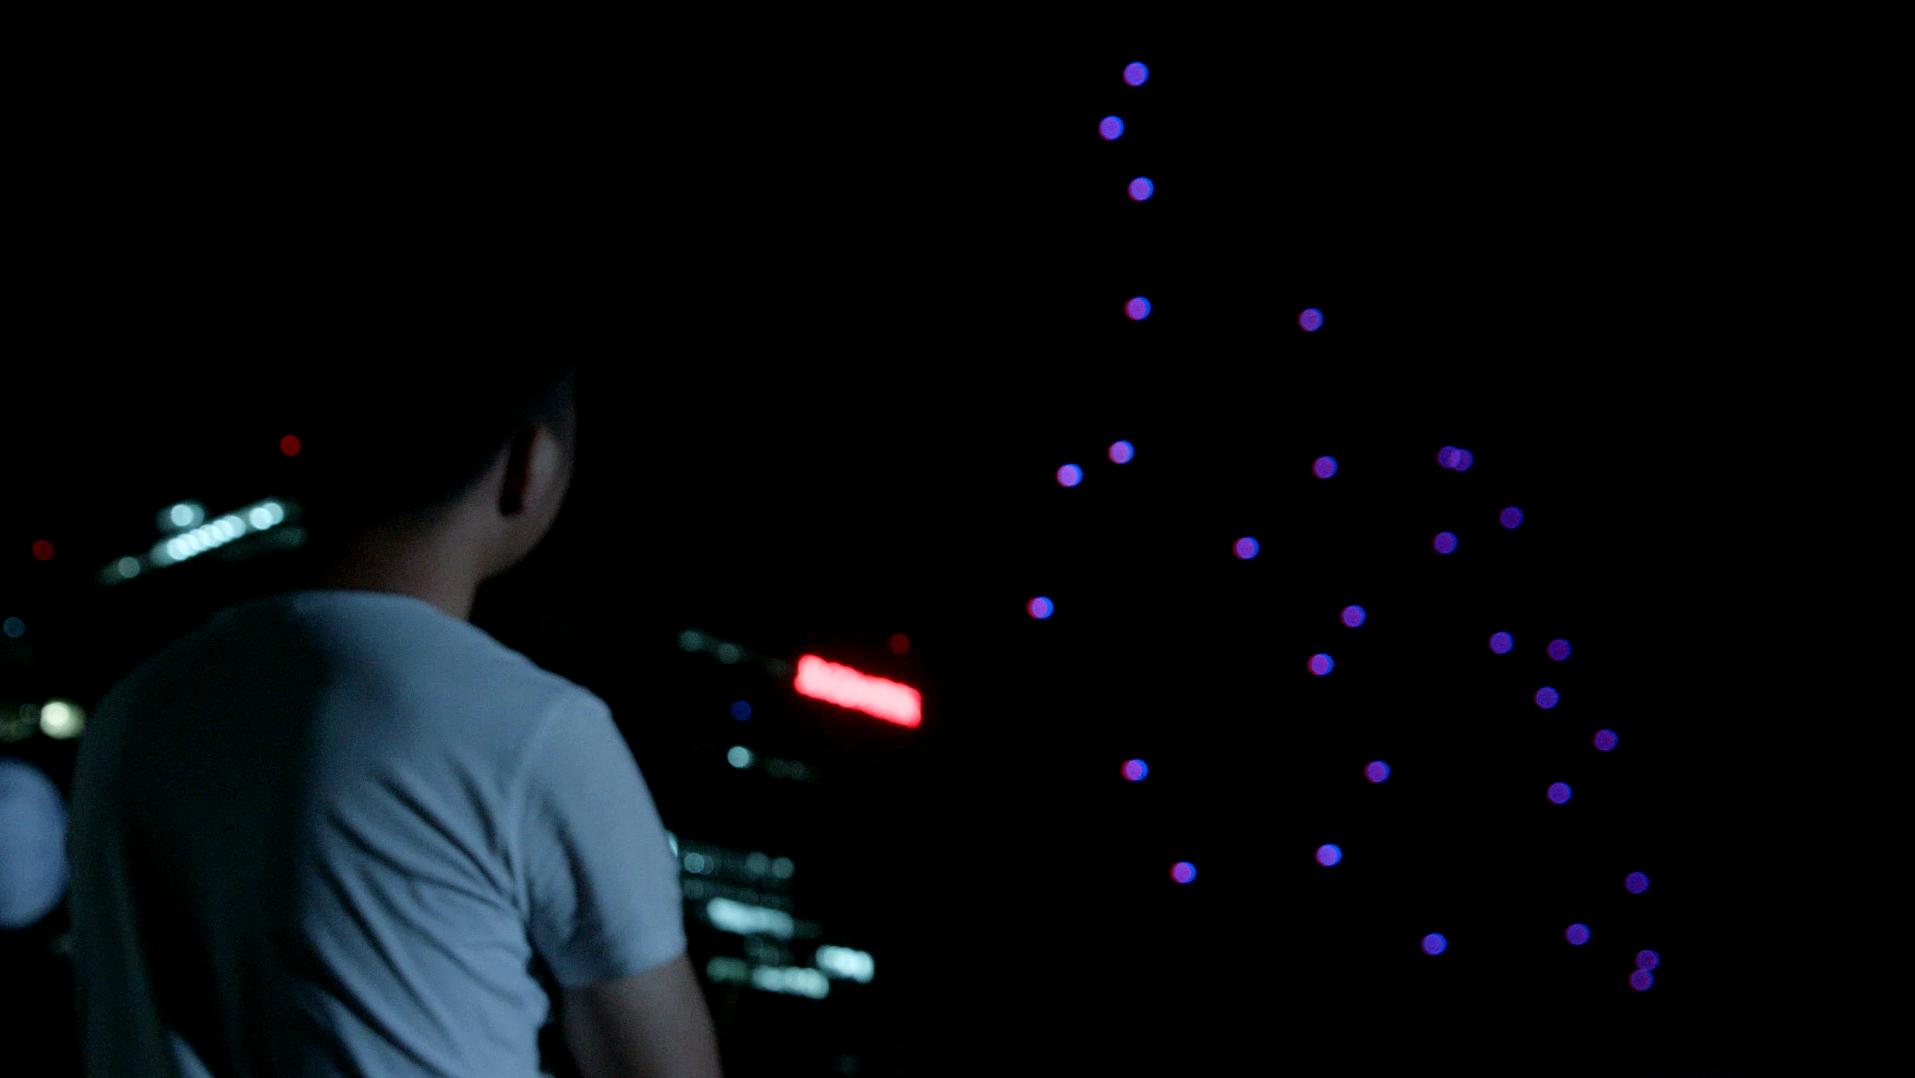 也与靠光流定位的无人机室内编队表演截然不同,无需充足的环境光线和